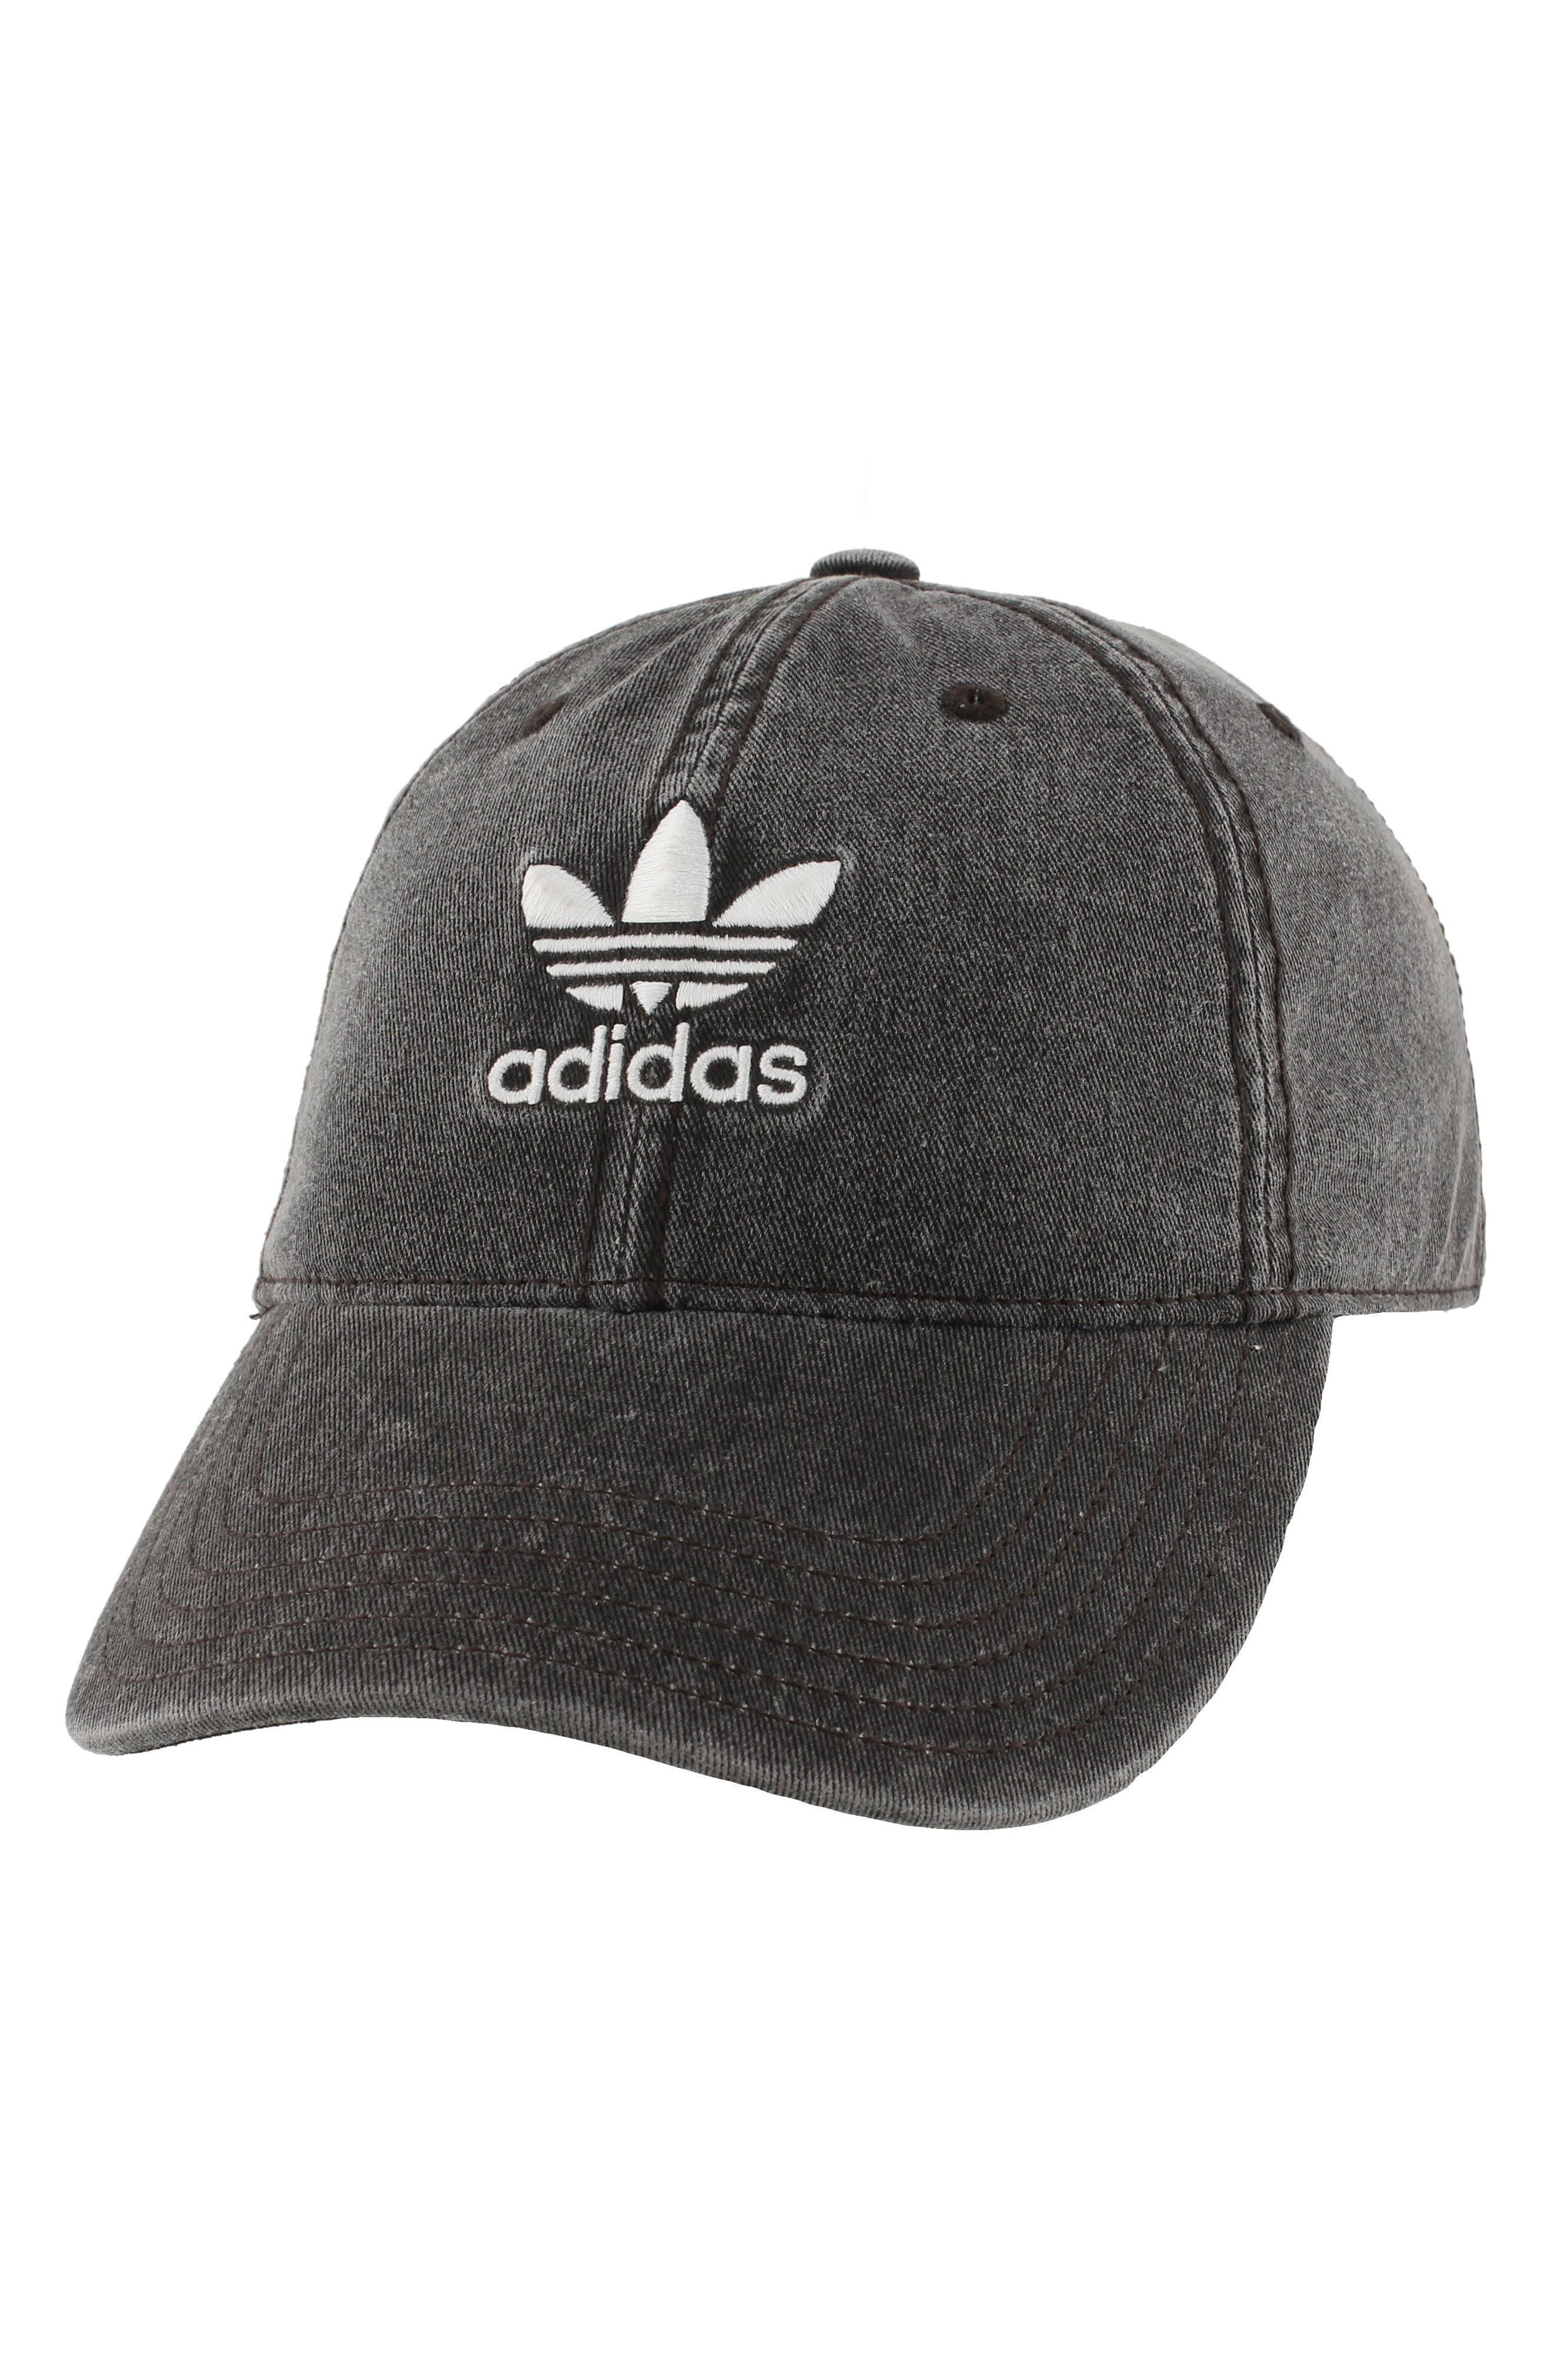 Originals Relaxed Strap-Back Cap,                         Main,                         color, 001